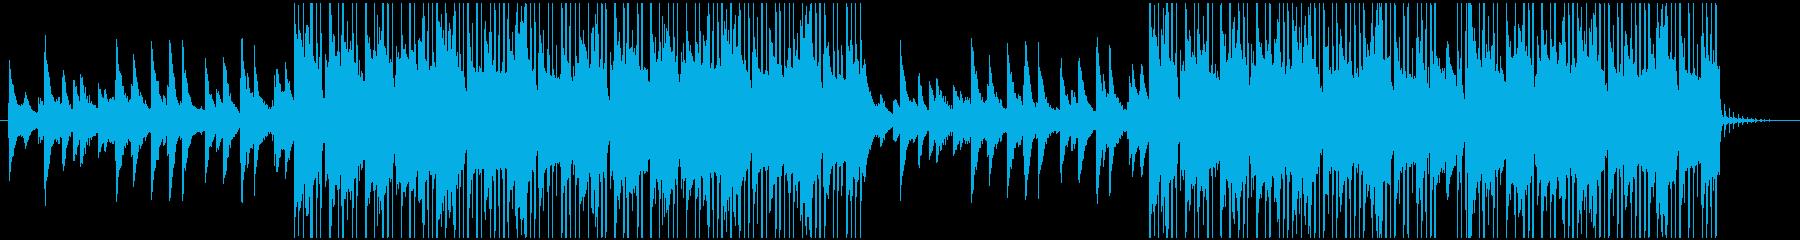 ピアノが特徴的なインストヒップホップの再生済みの波形